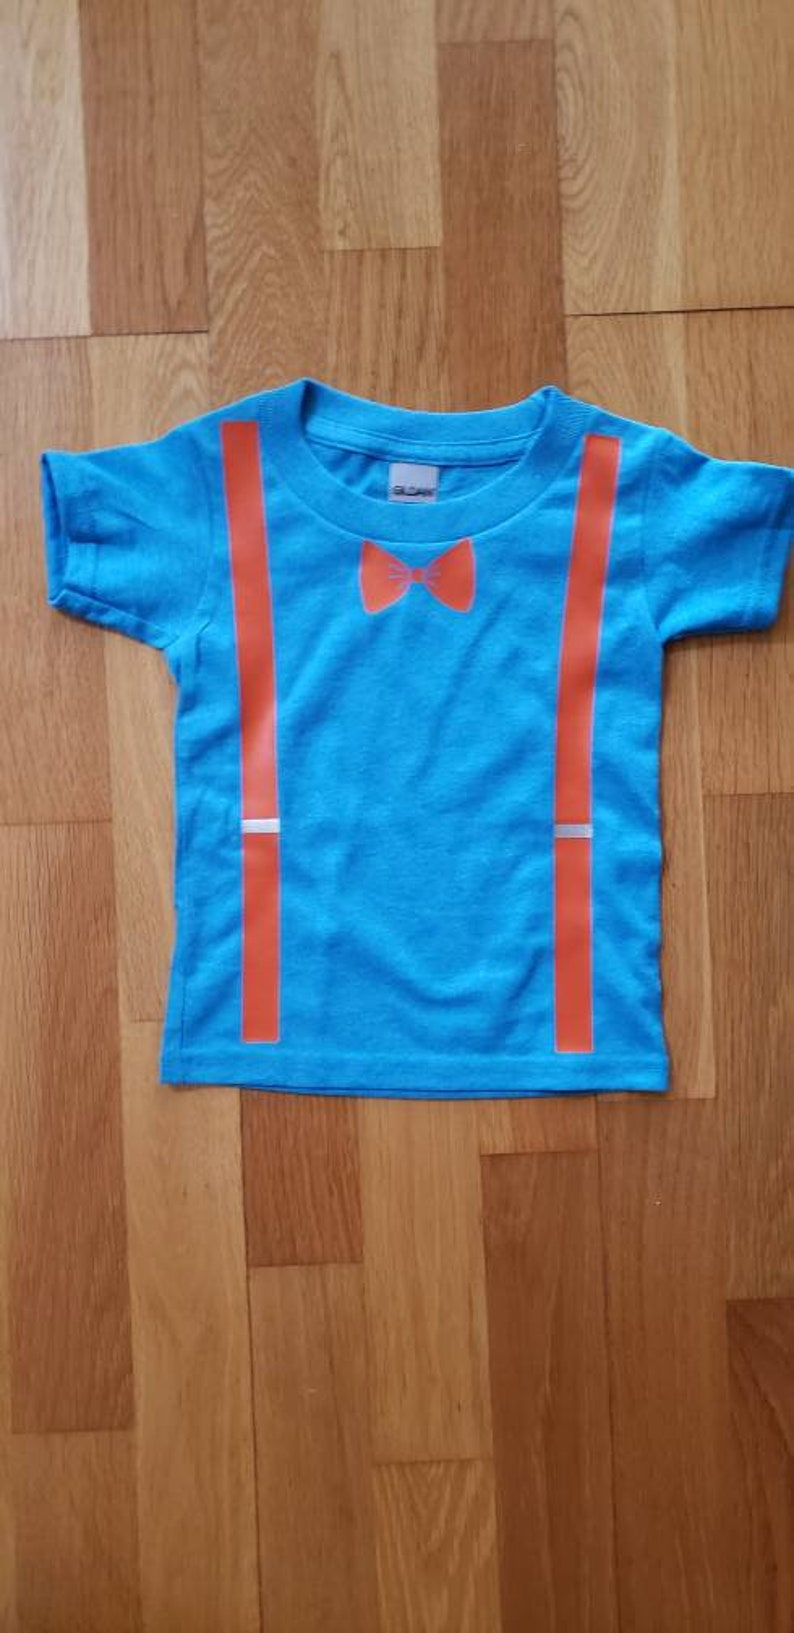 Blippi Inspired Shirt